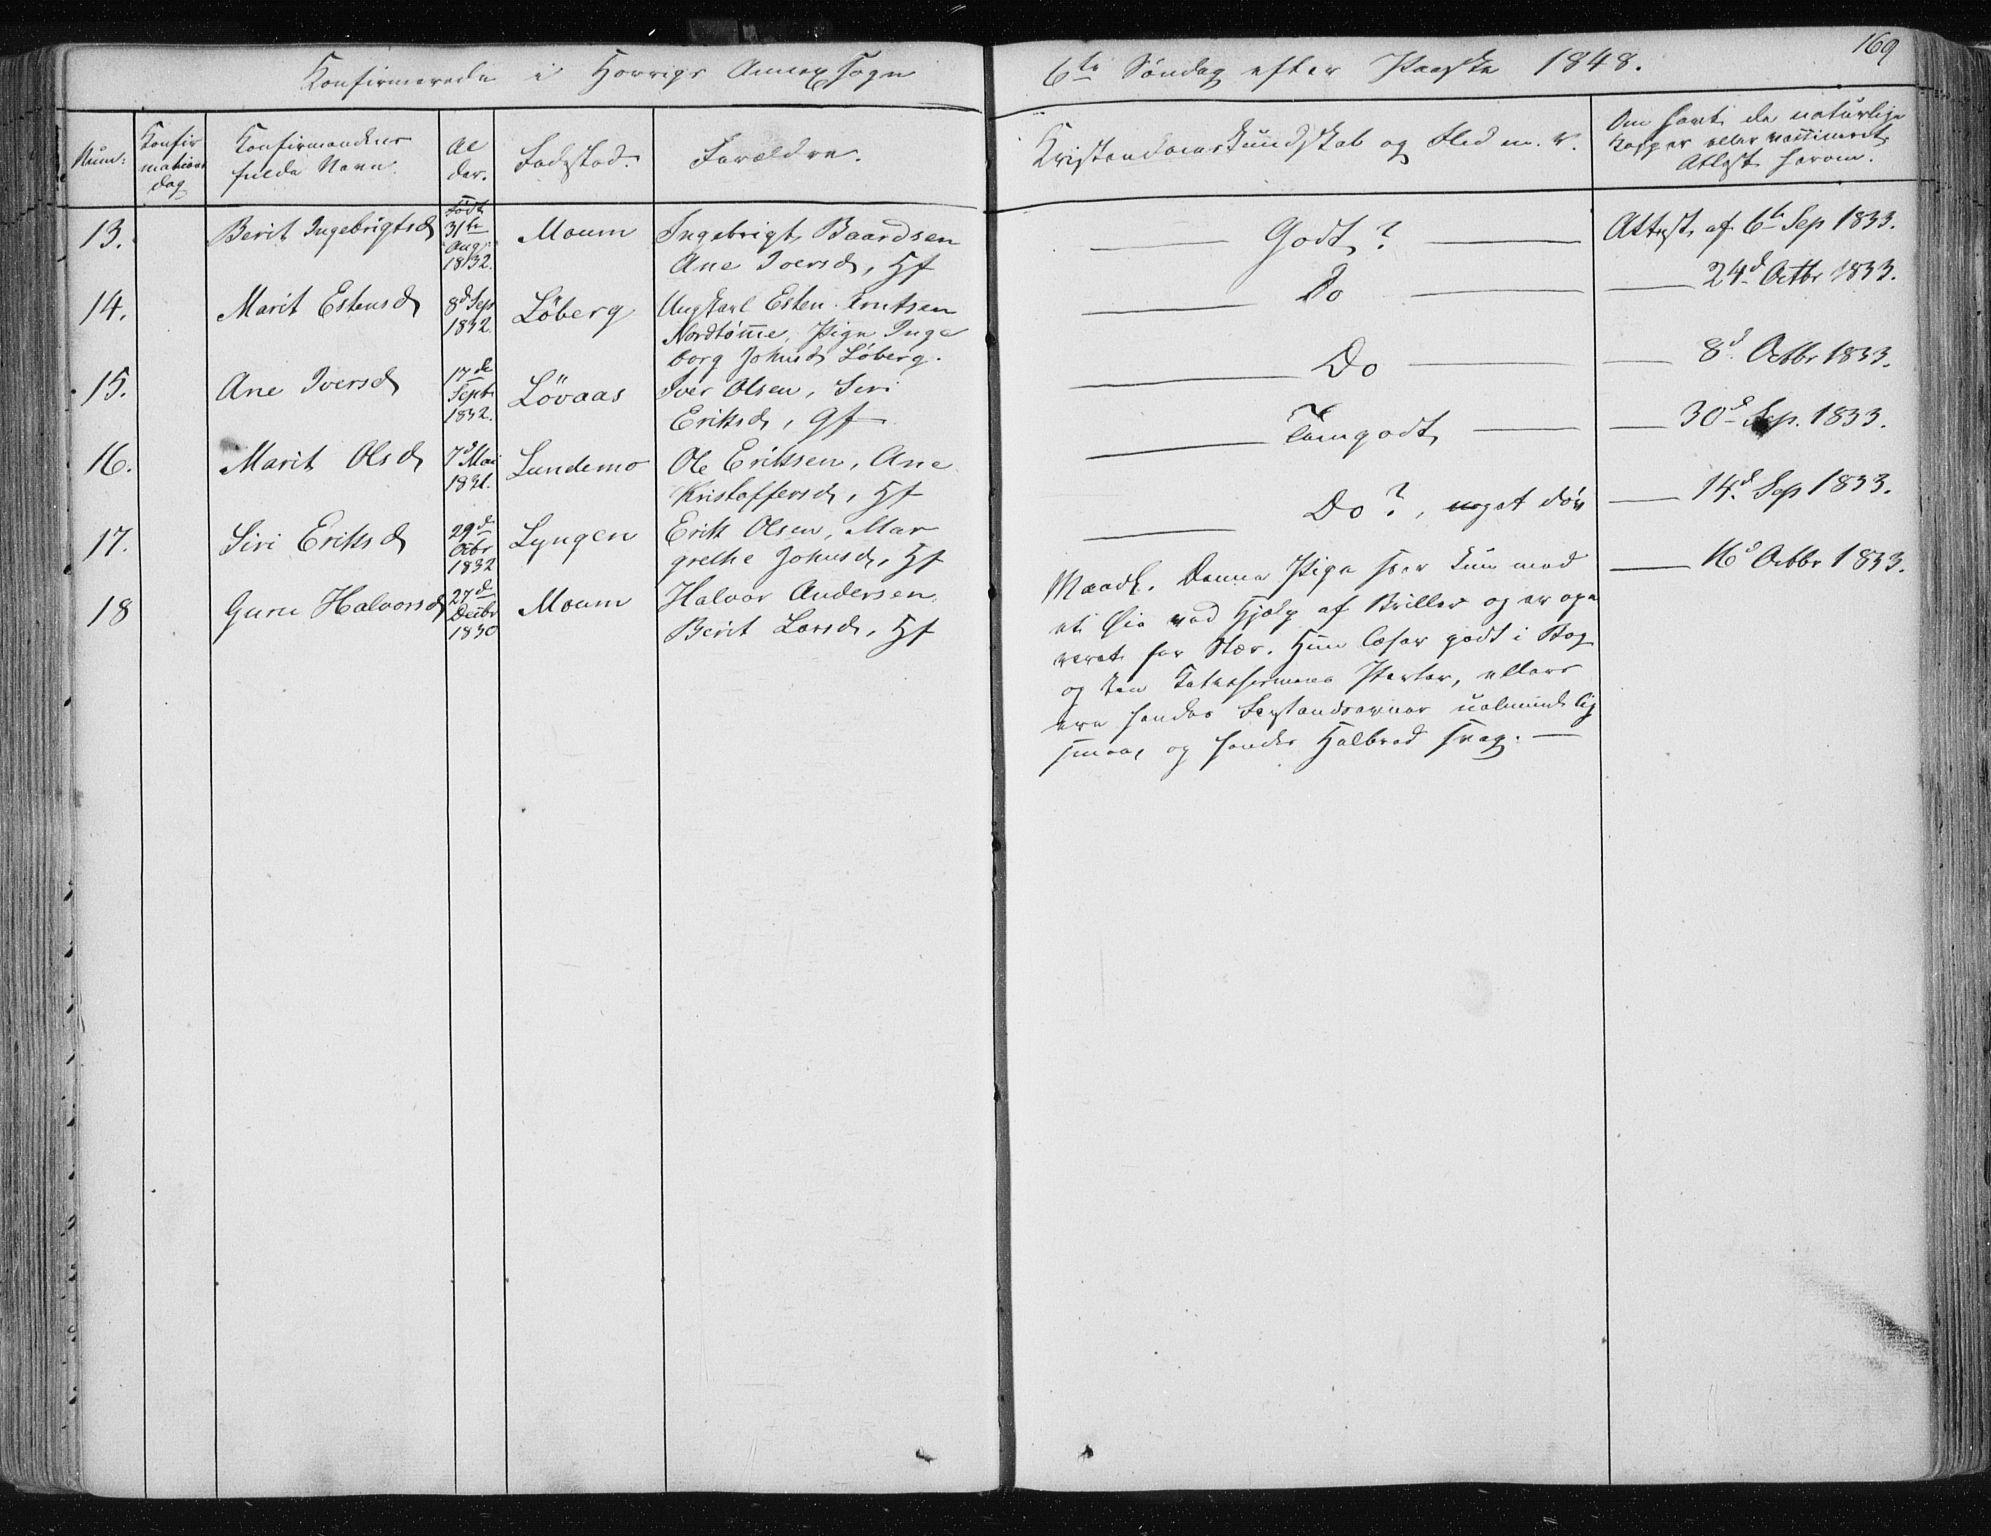 SAT, Ministerialprotokoller, klokkerbøker og fødselsregistre - Sør-Trøndelag, 687/L0998: Ministerialbok nr. 687A05 /2, 1843-1849, s. 169